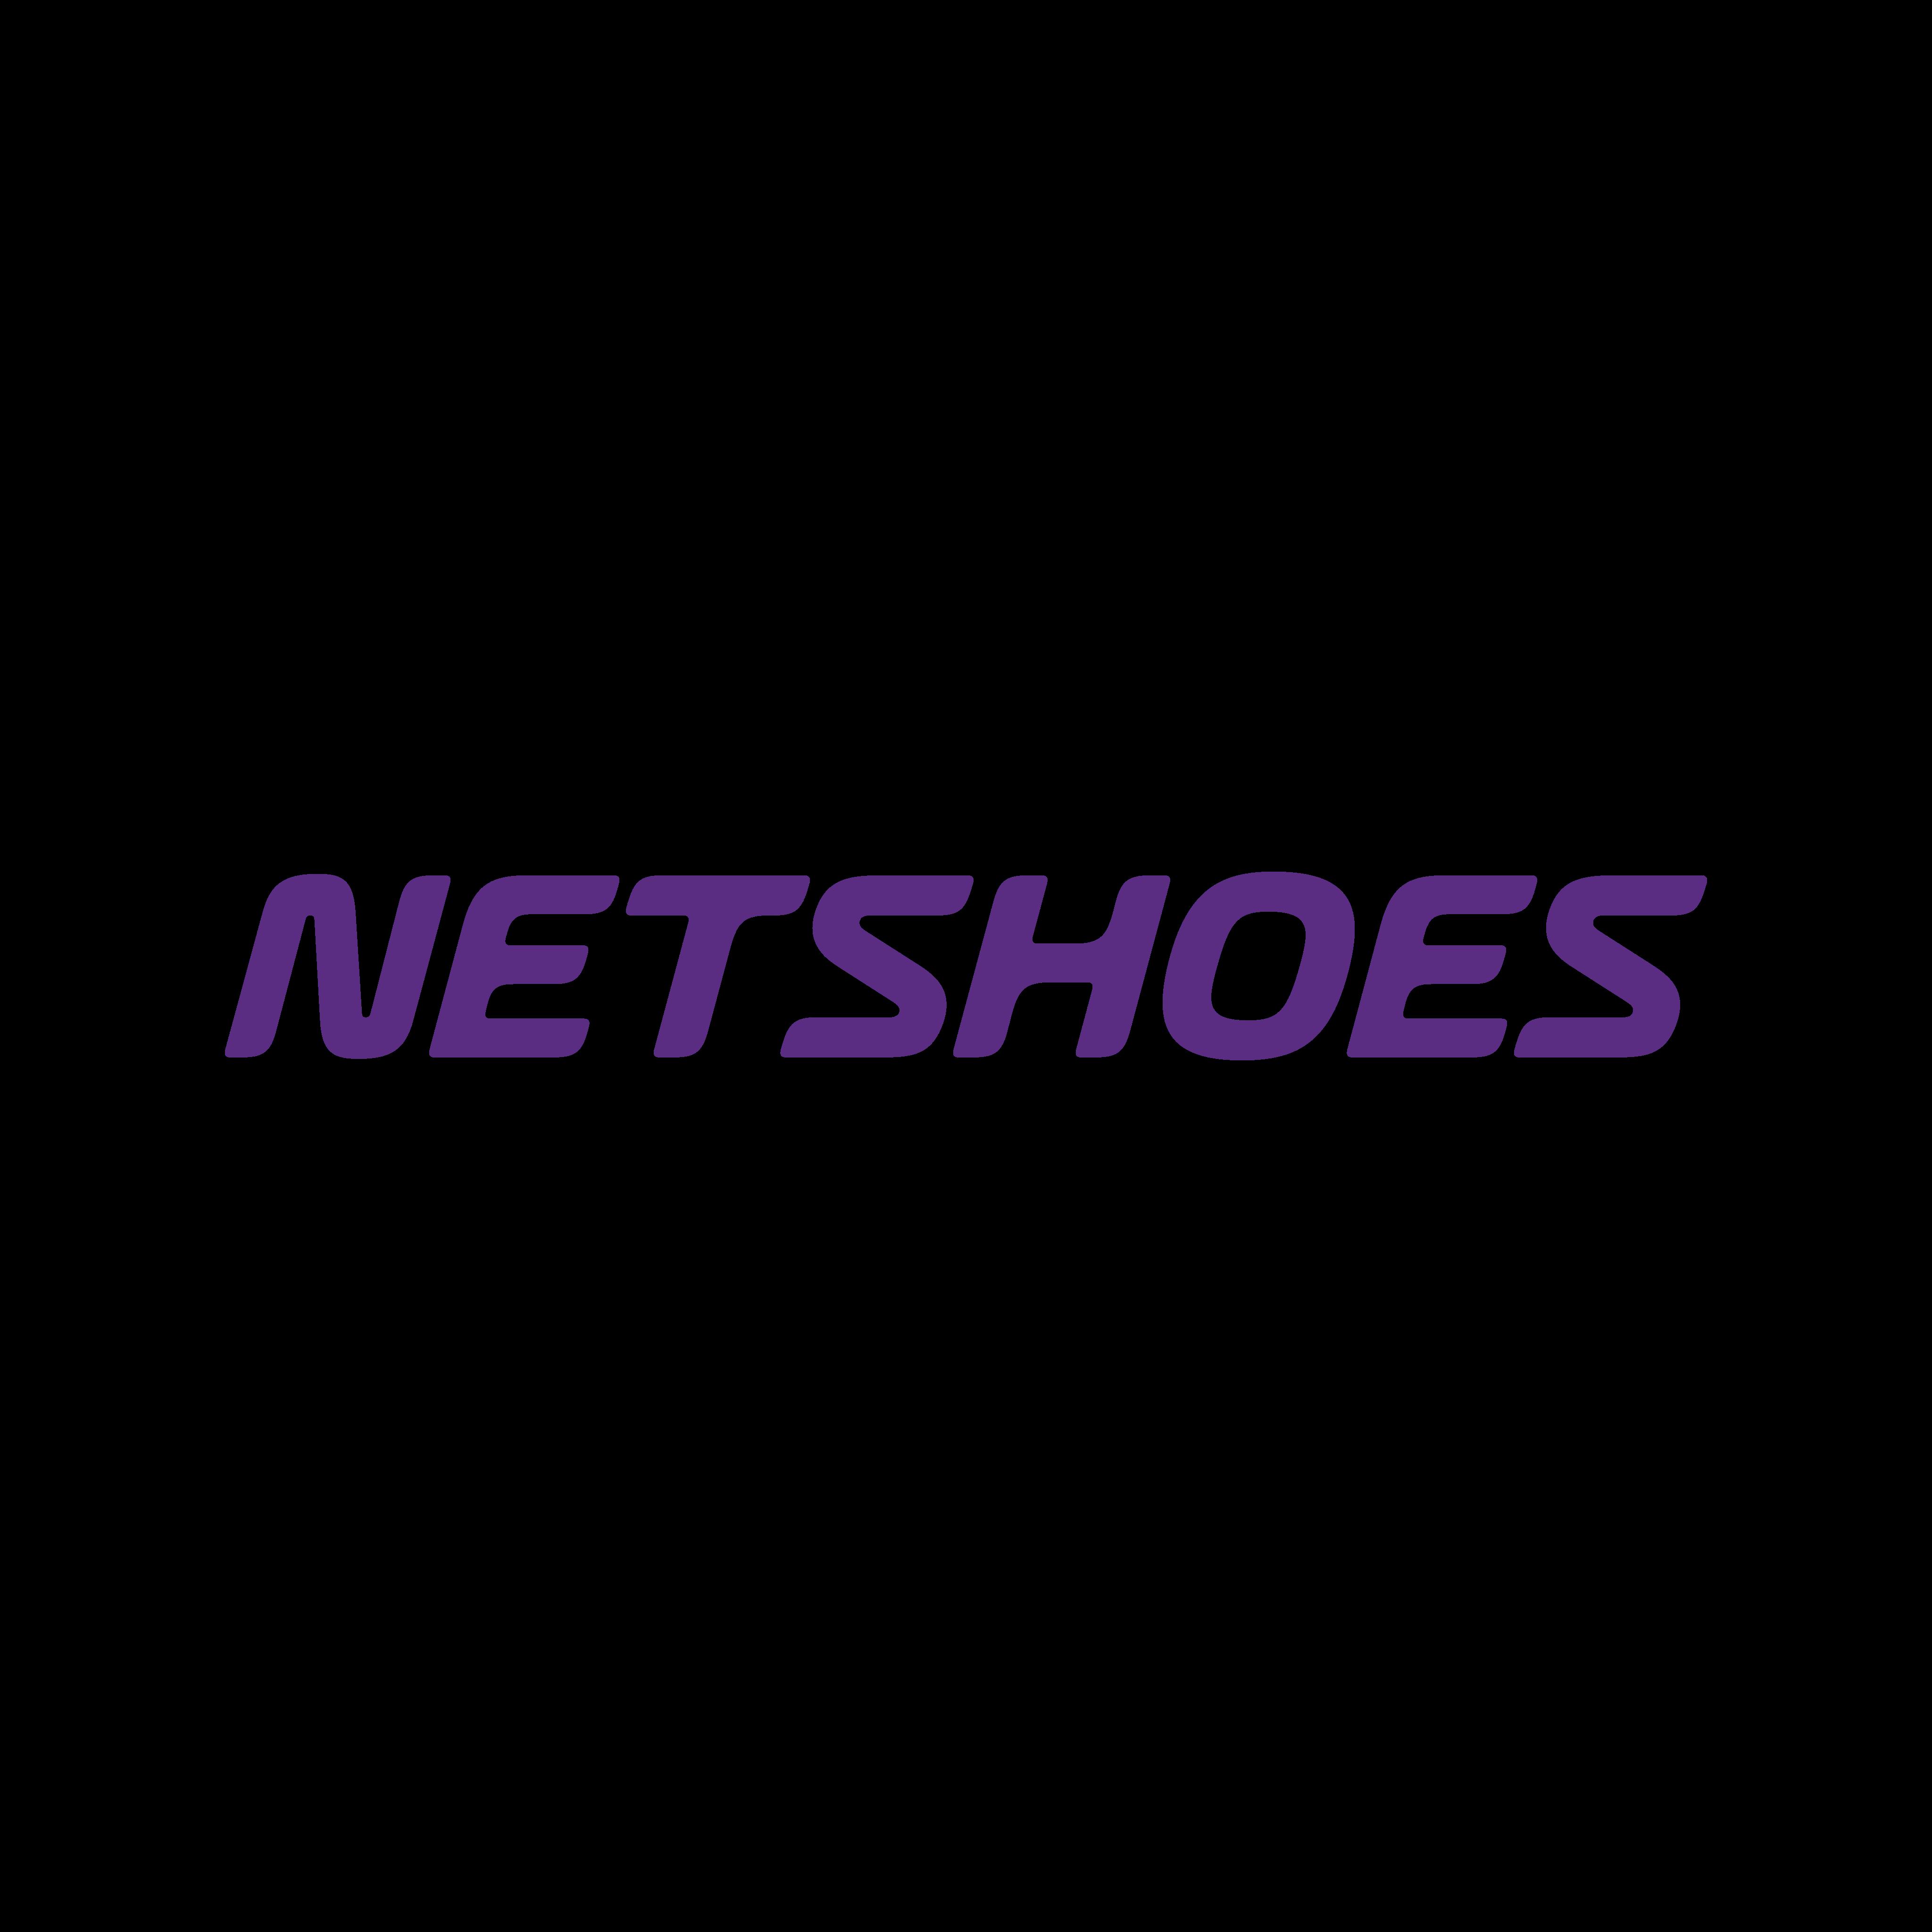 netshoes logo 0 - Netshoes Logo